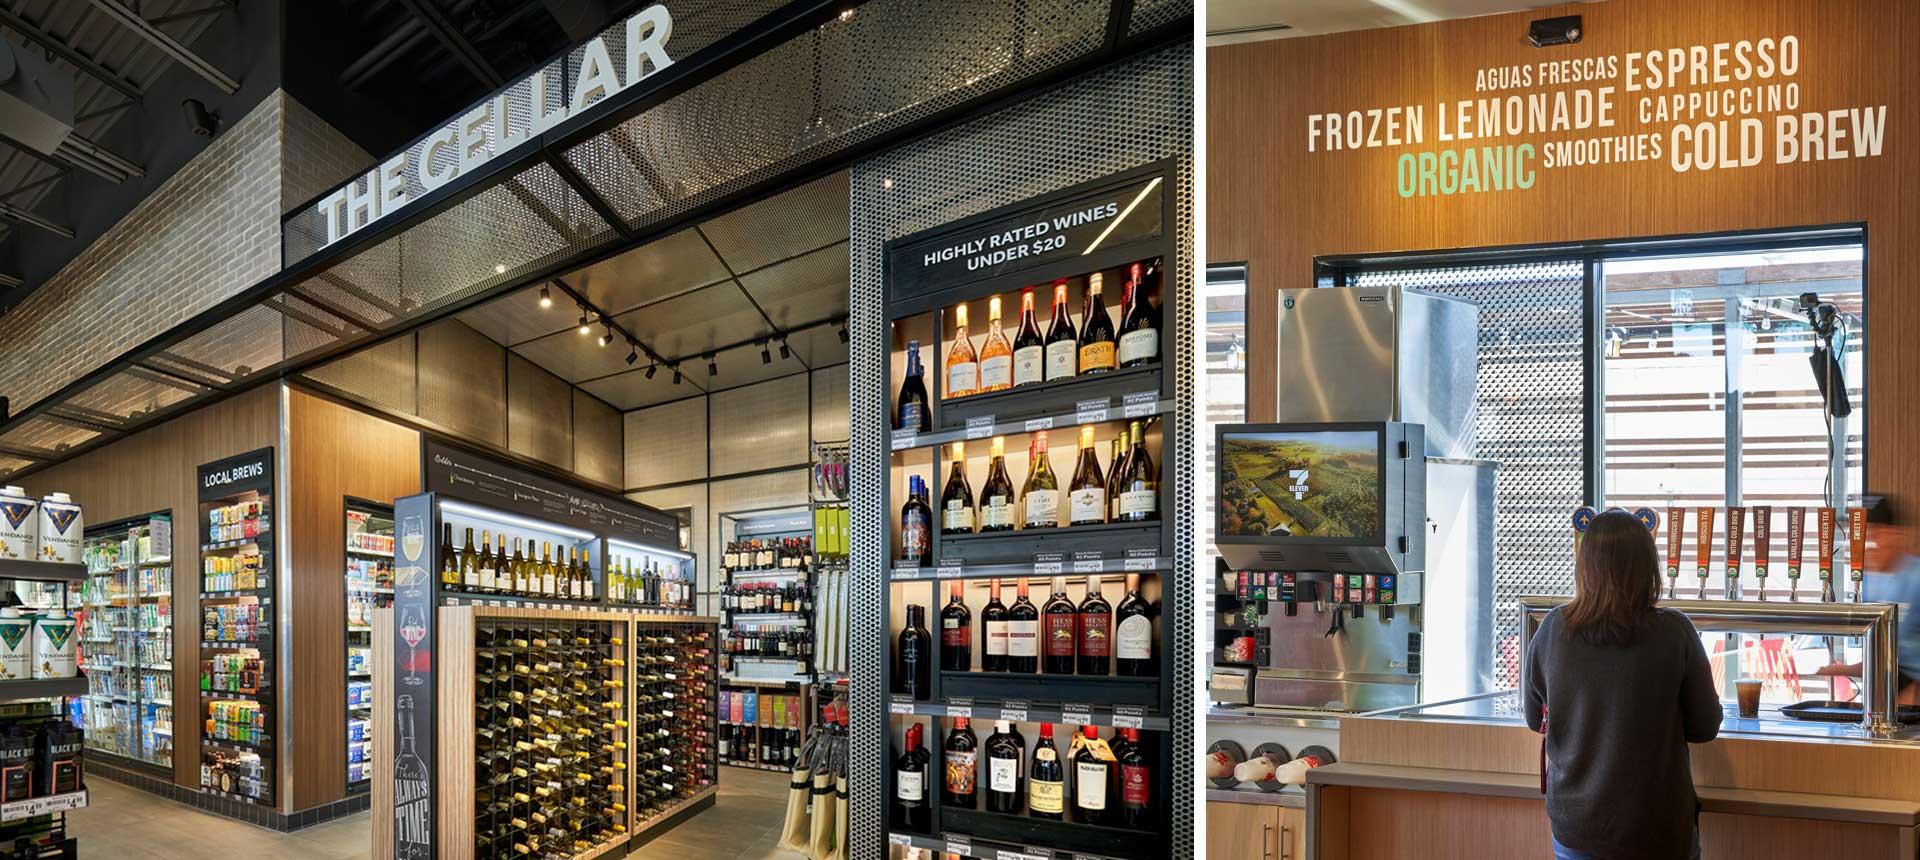 7-Eleven Lab Store Wine Cellar